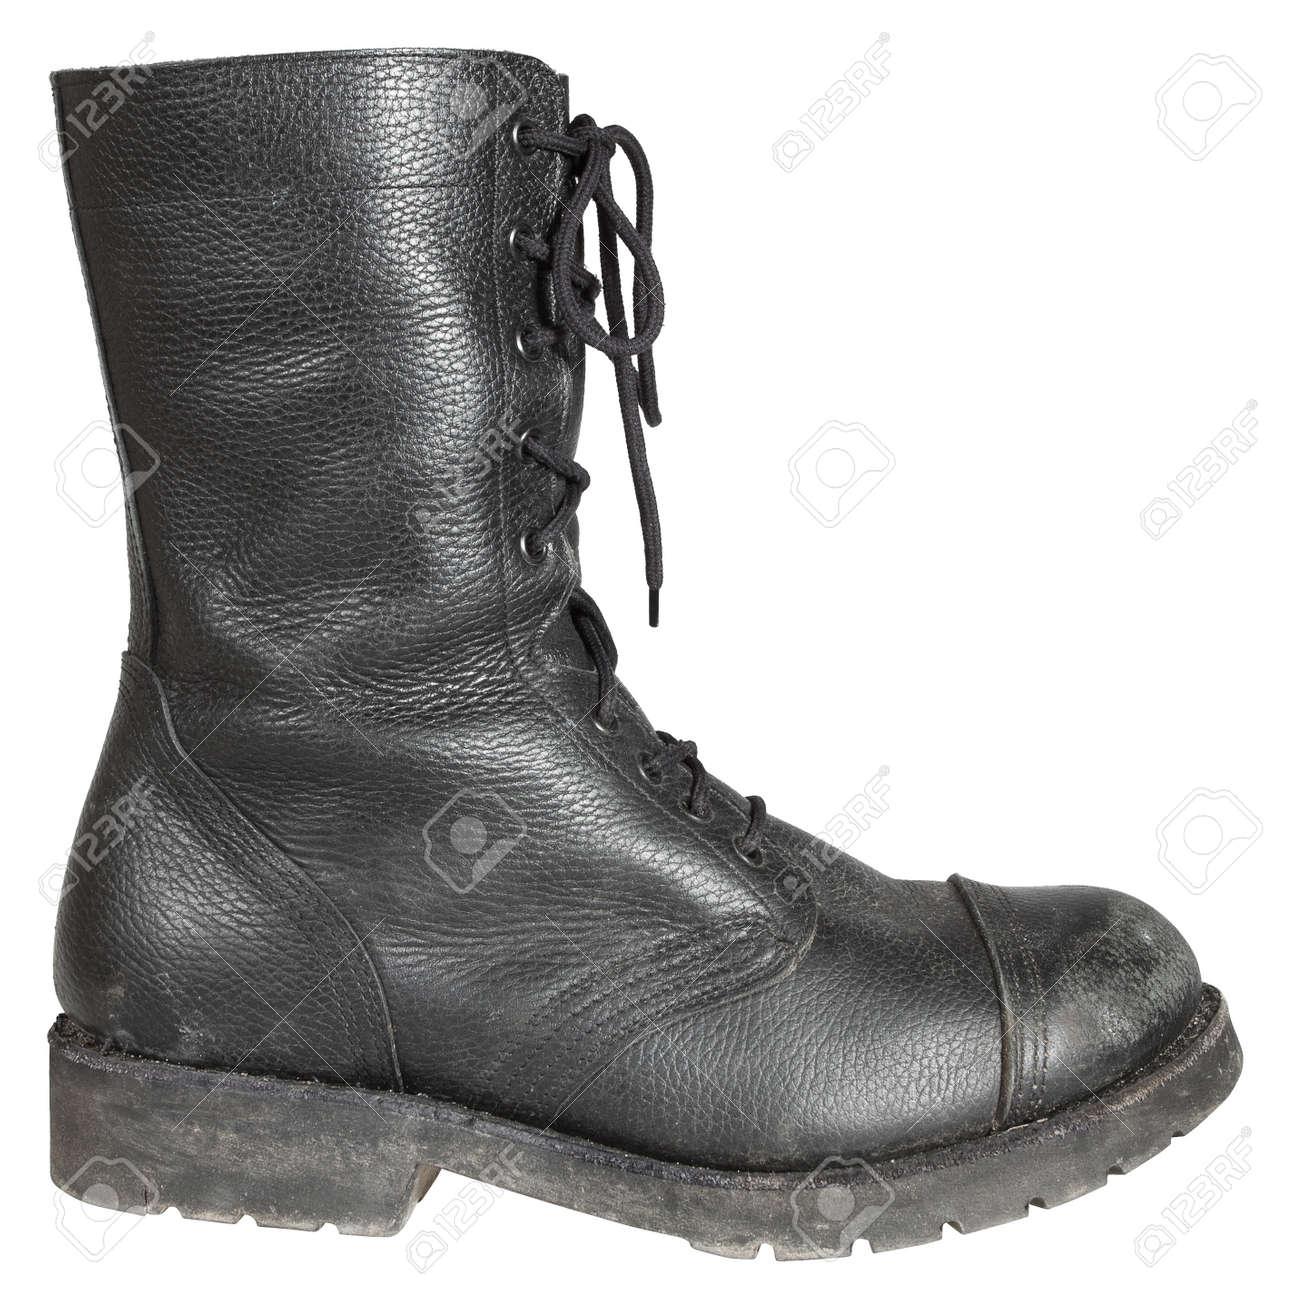 Militar Utilizado Del Aisladas Blanco Soldado Cuero Zapatos Las Sobre Bota Fondo De Ejército dwOp0zwxq